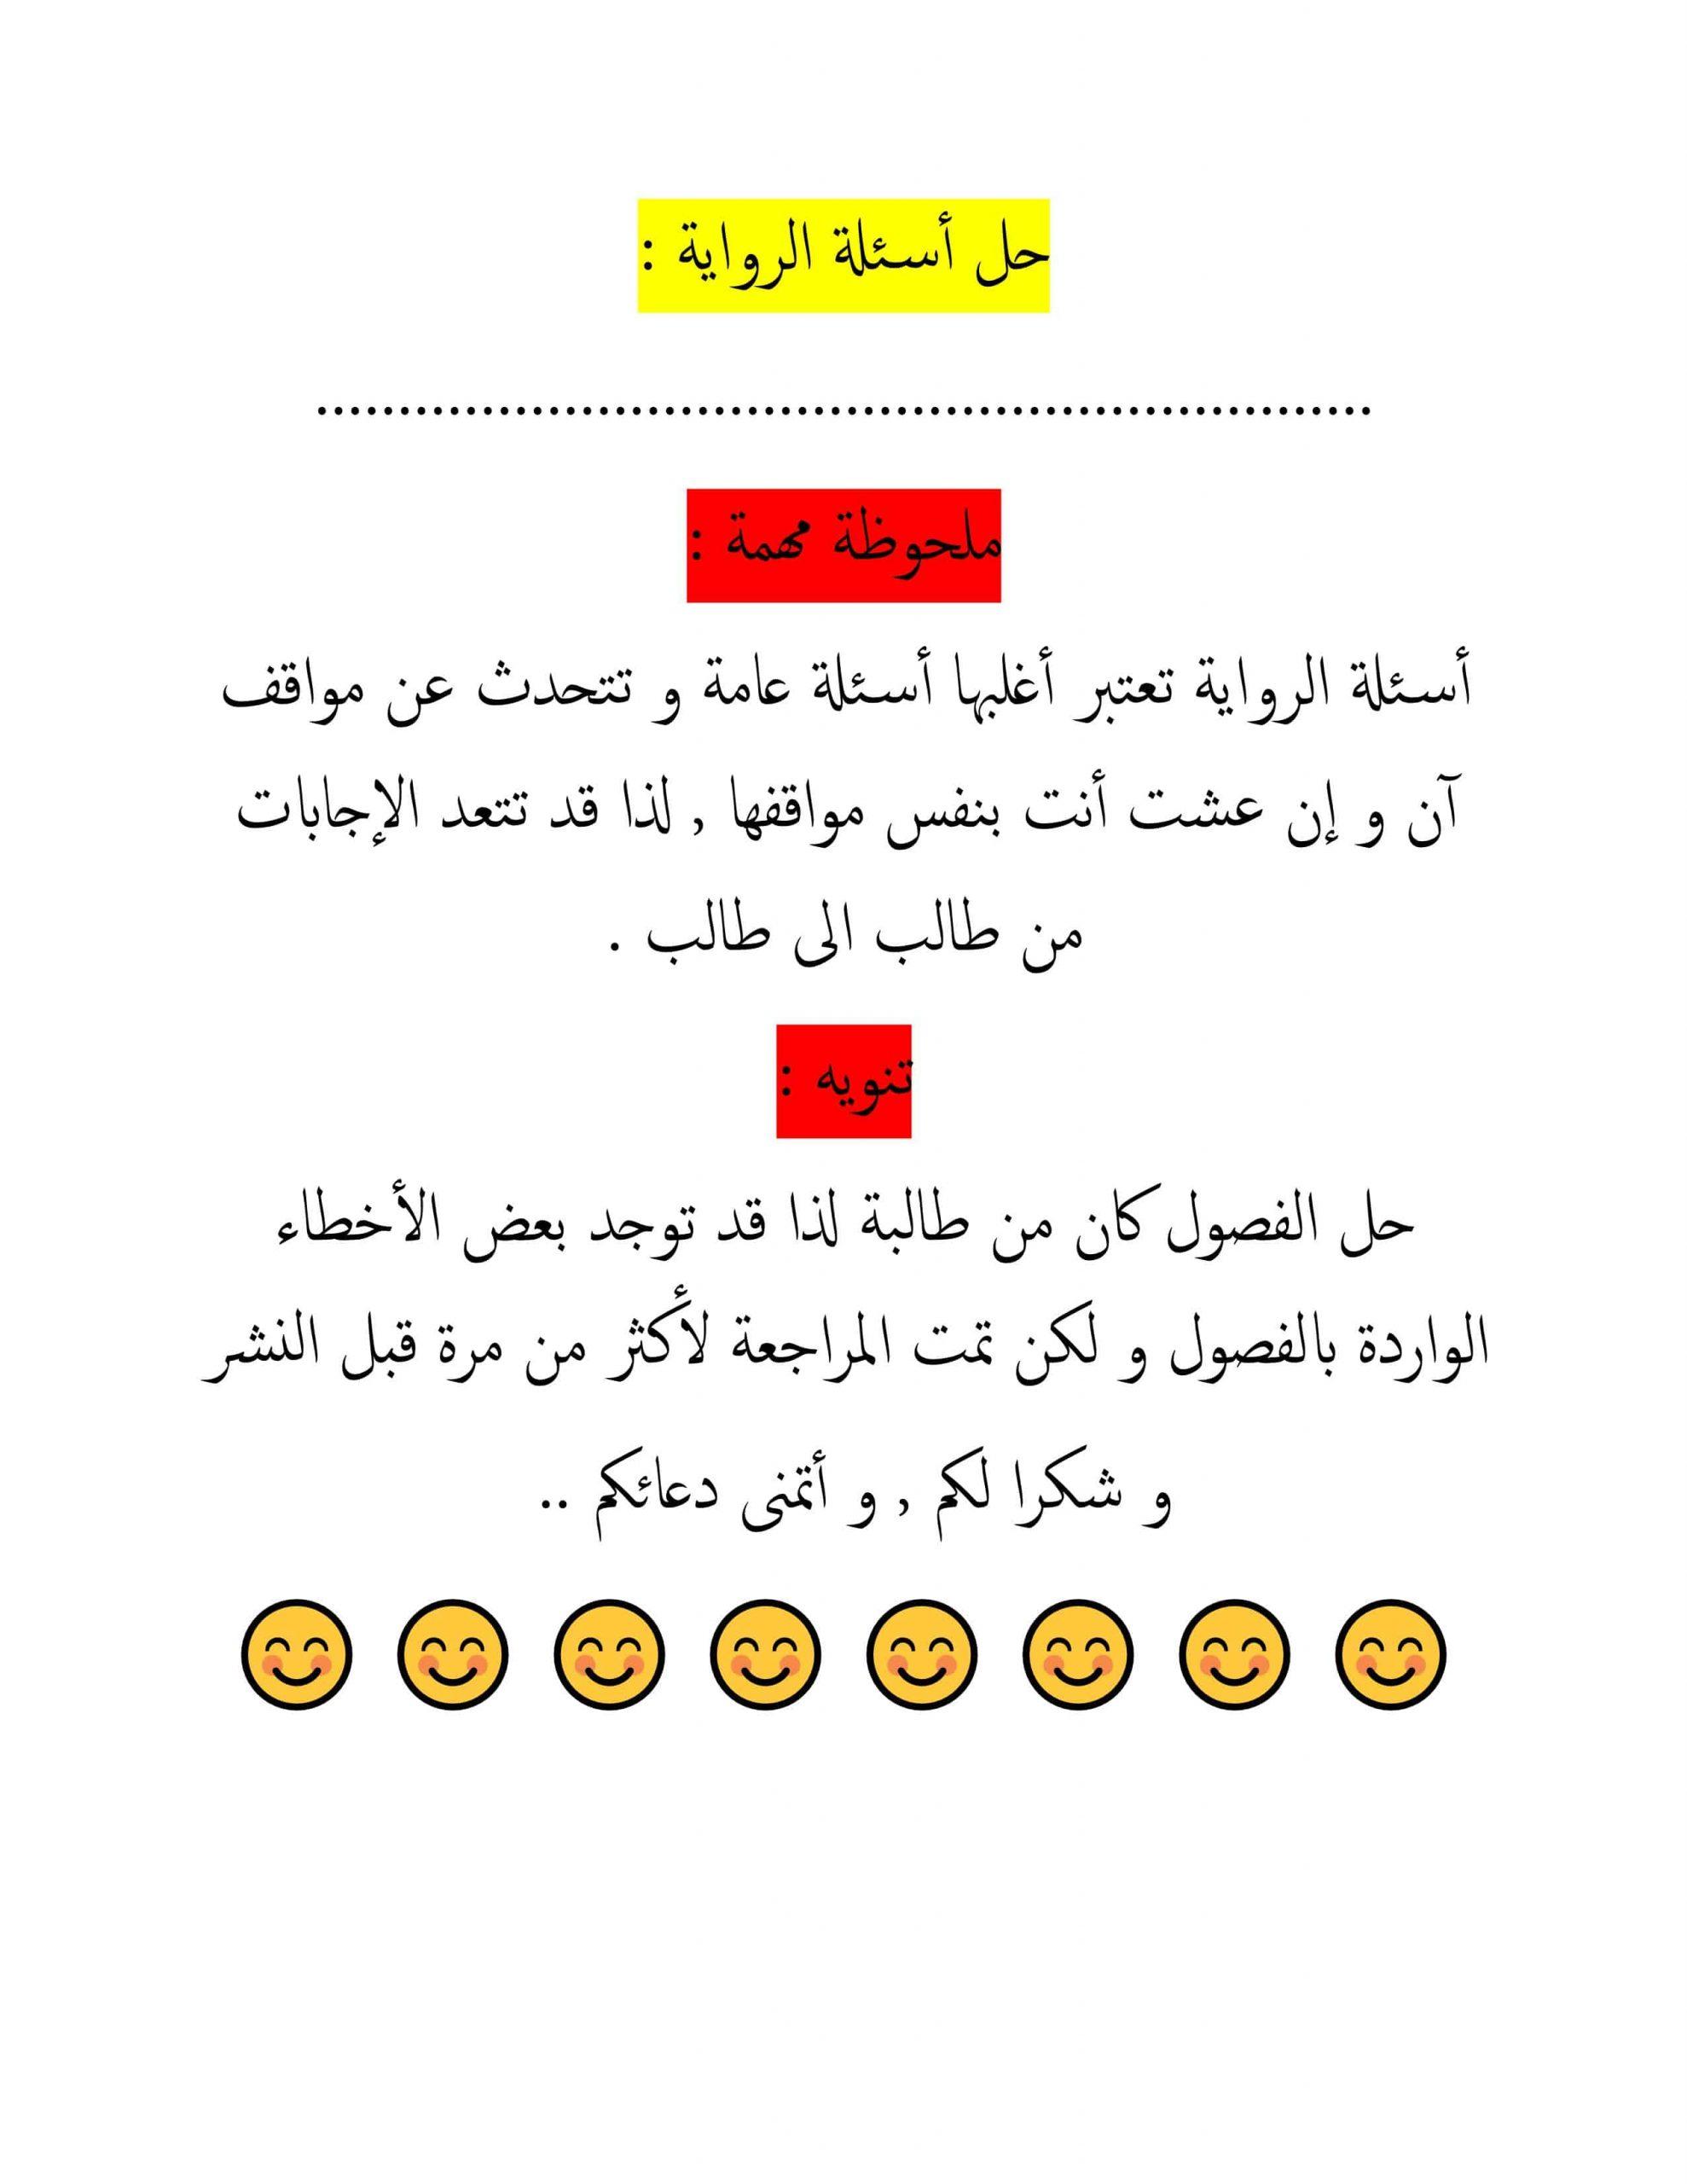 حل أسئلة آن في المرتفعات الخضراء الصف الحادي عشر مادة اللغة العربية